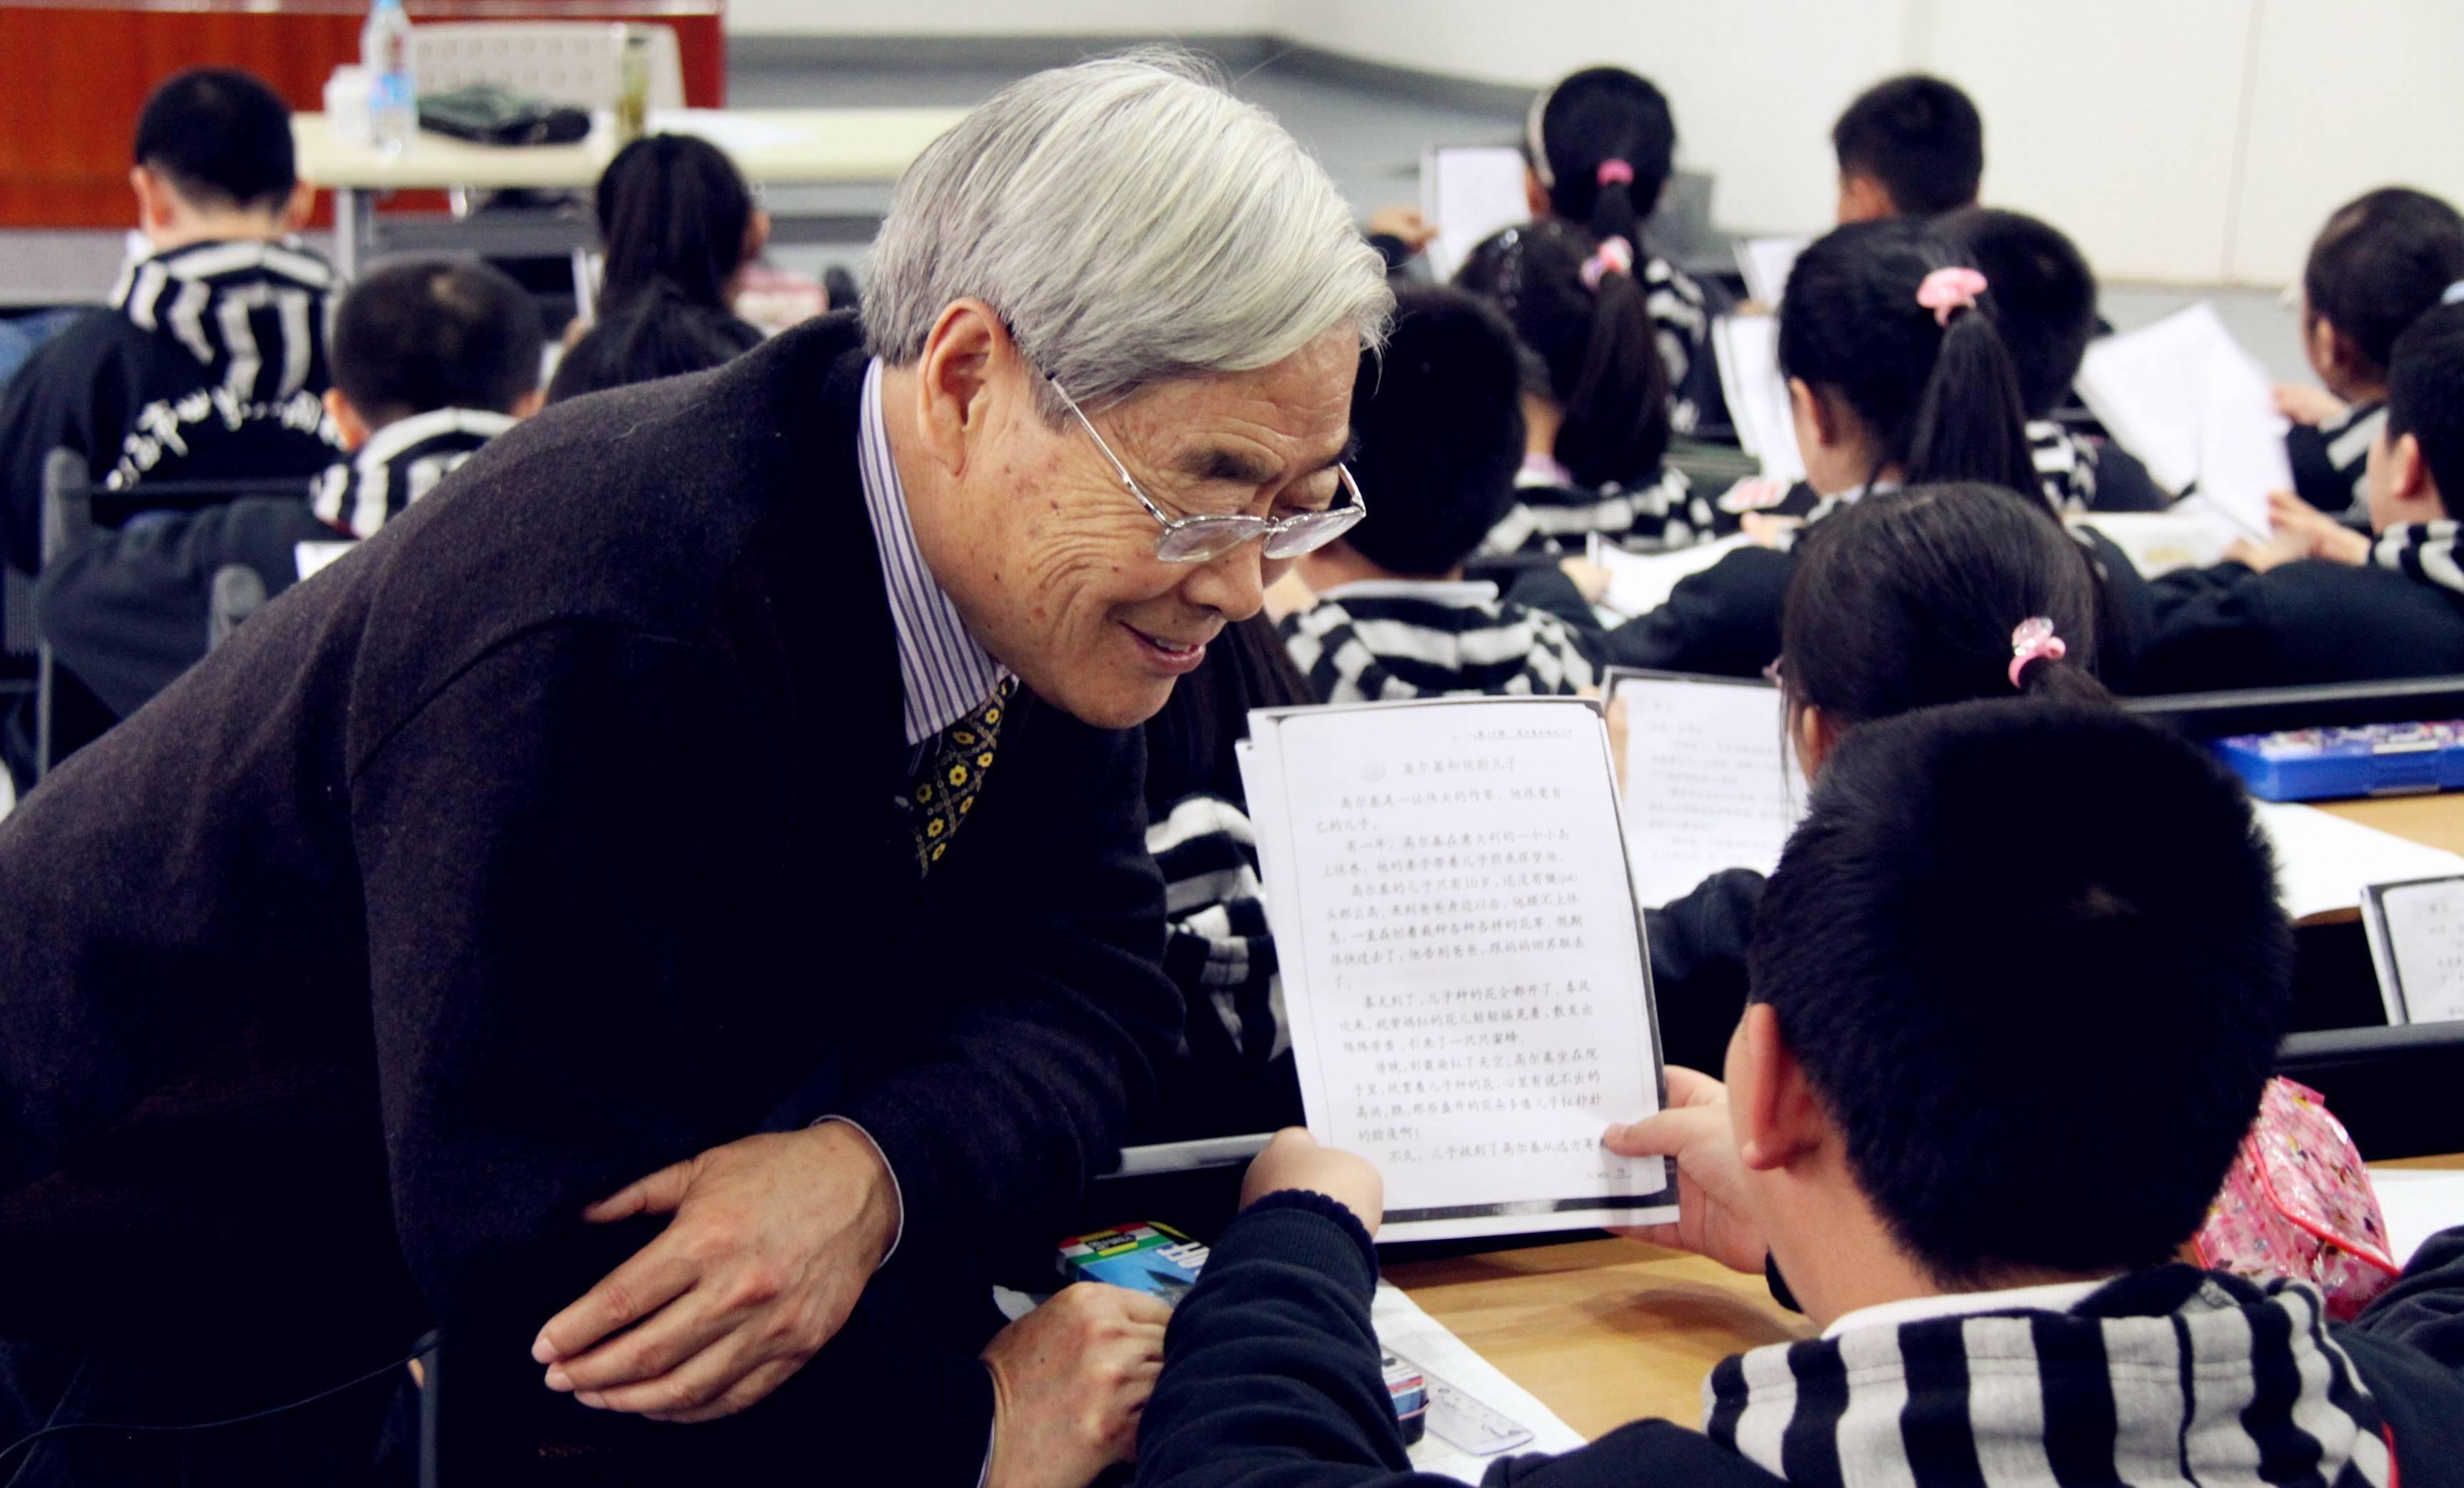 于永正:时光倒退十几年,让我再教一届小学生